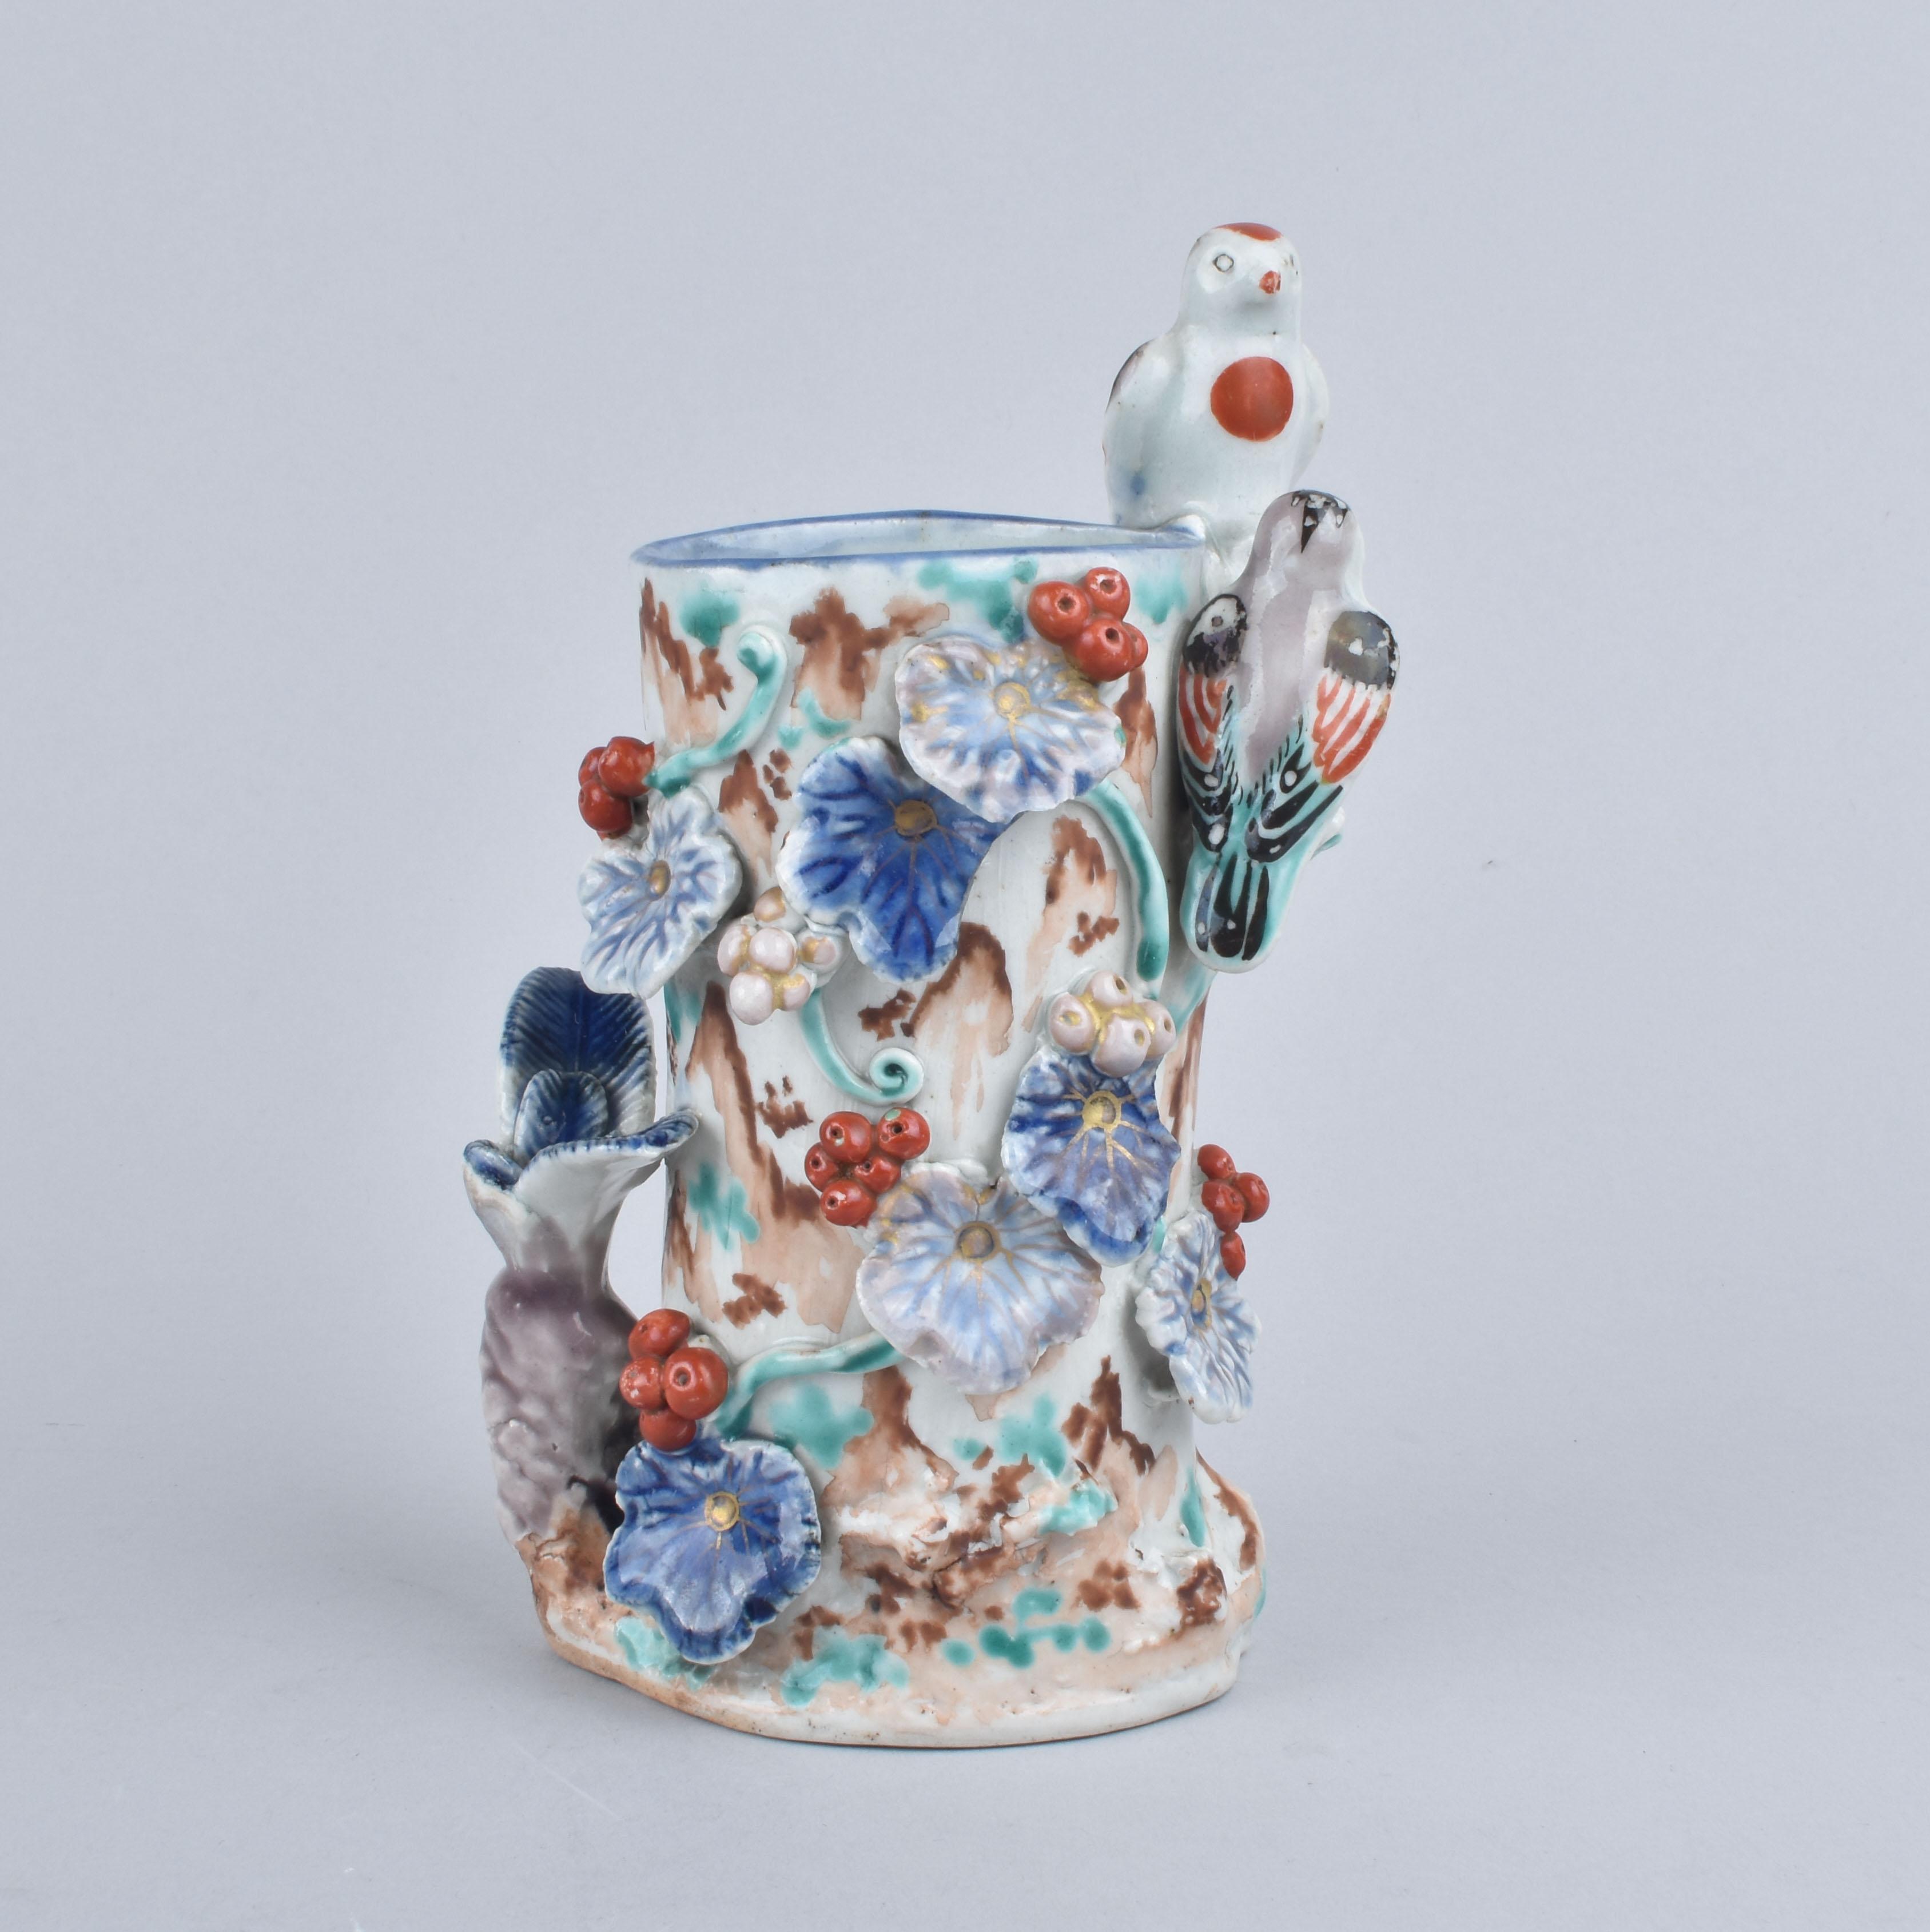 Porcelaine XVIIe siècle, probablement période Empo / Tenwa (1673/1683), Japon